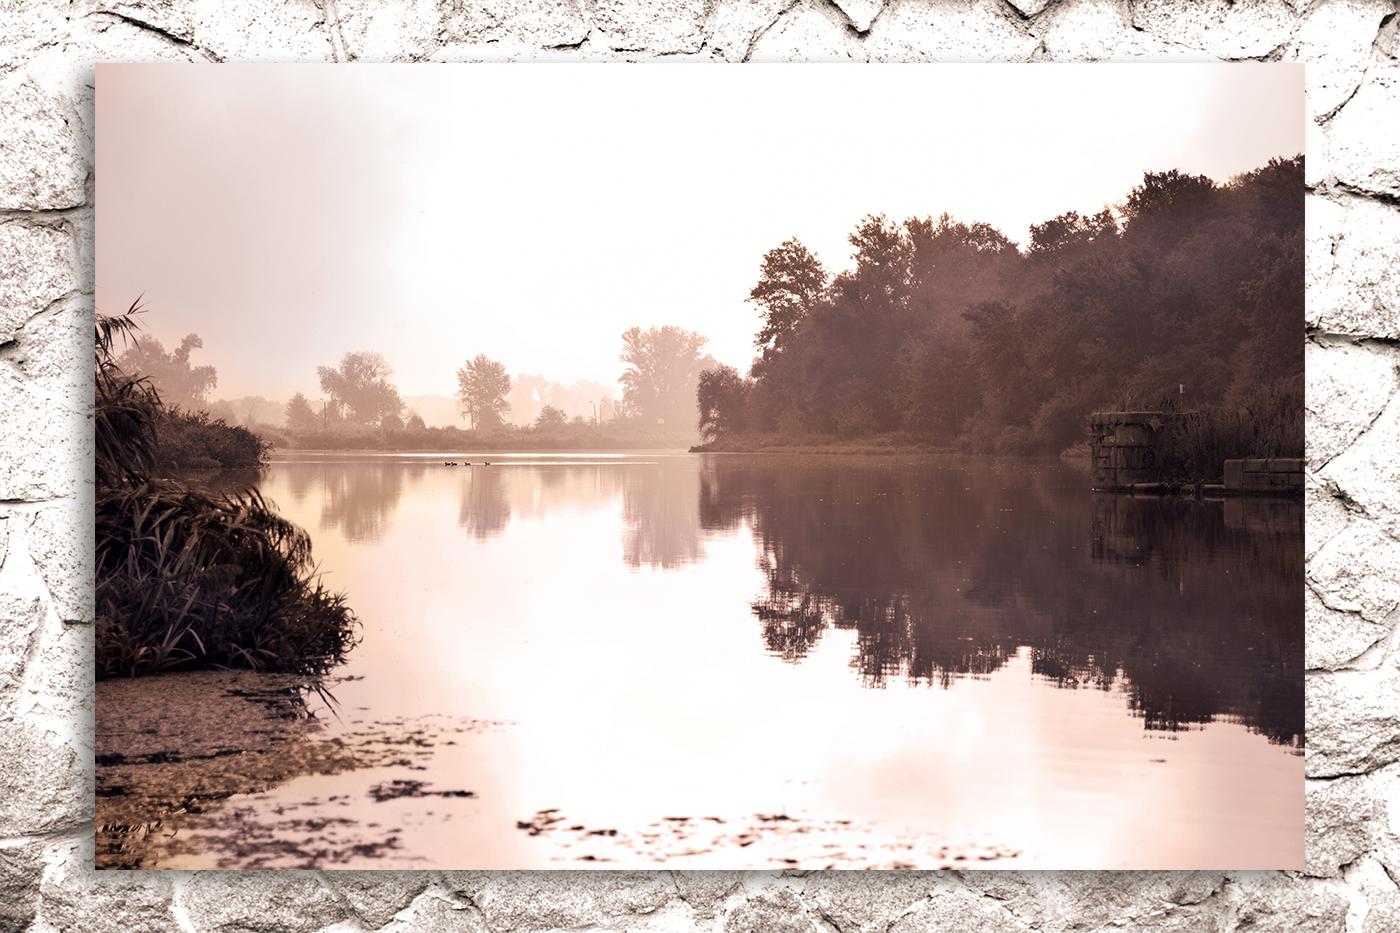 Nature photo, landscape photo, lake photo, example image 4